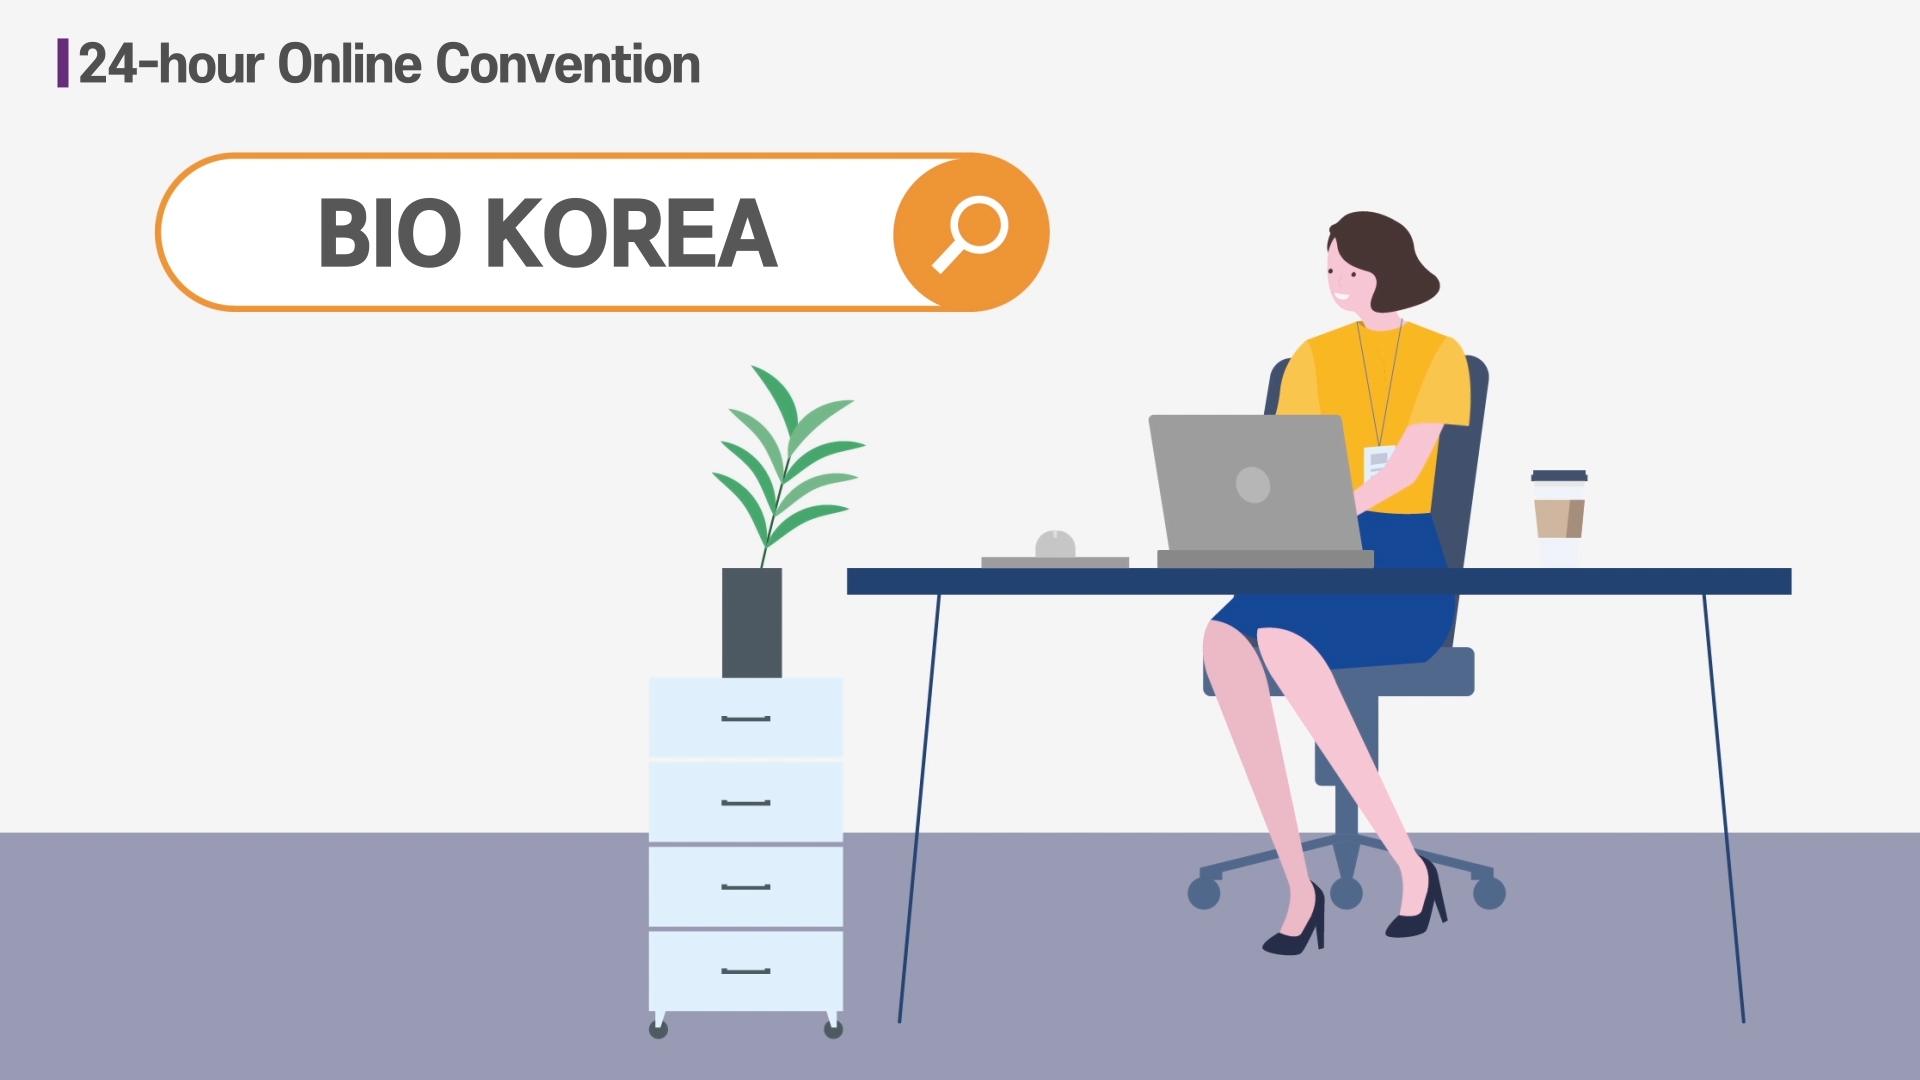 """Die BIO KOREA 2021 International Convention findet vom 9. bis 21. Juni 2021 statt. Dazu gibt es vom 9. bis 11. Juni eine Messe vor Ort auf der COEX in Seoul. Unter dem Hauptmotto """"New Normal: Breaking Barriers with Bio Innovation"""" (""""Neue Normalität: Grenzen sprengen mit Bioinnovationen"""") besteht die BIO KOREA 2021 aus fünf Hauptprogrammen: Konferenz, Wirtschaftsforum (Partnerschaften und Unternehmenspräsentationen), Ausstellungen, Anlegermesse und Jobmesse. Unternehmen und Fachleute werden hier miteinander vernetzt – sie können so neue Geschäftschancen finden und die Möglichkeiten für internationales Networking verbessern. Insbesondere die innovativen südkoreanischen Unternehmen in den Bereichen Pharma und Medizintechnik, Start-ups in der digitalen Gesundheits- und der Biotechbranche sowie im Bereich K-Quarantine arbeitende Unternehmen."""